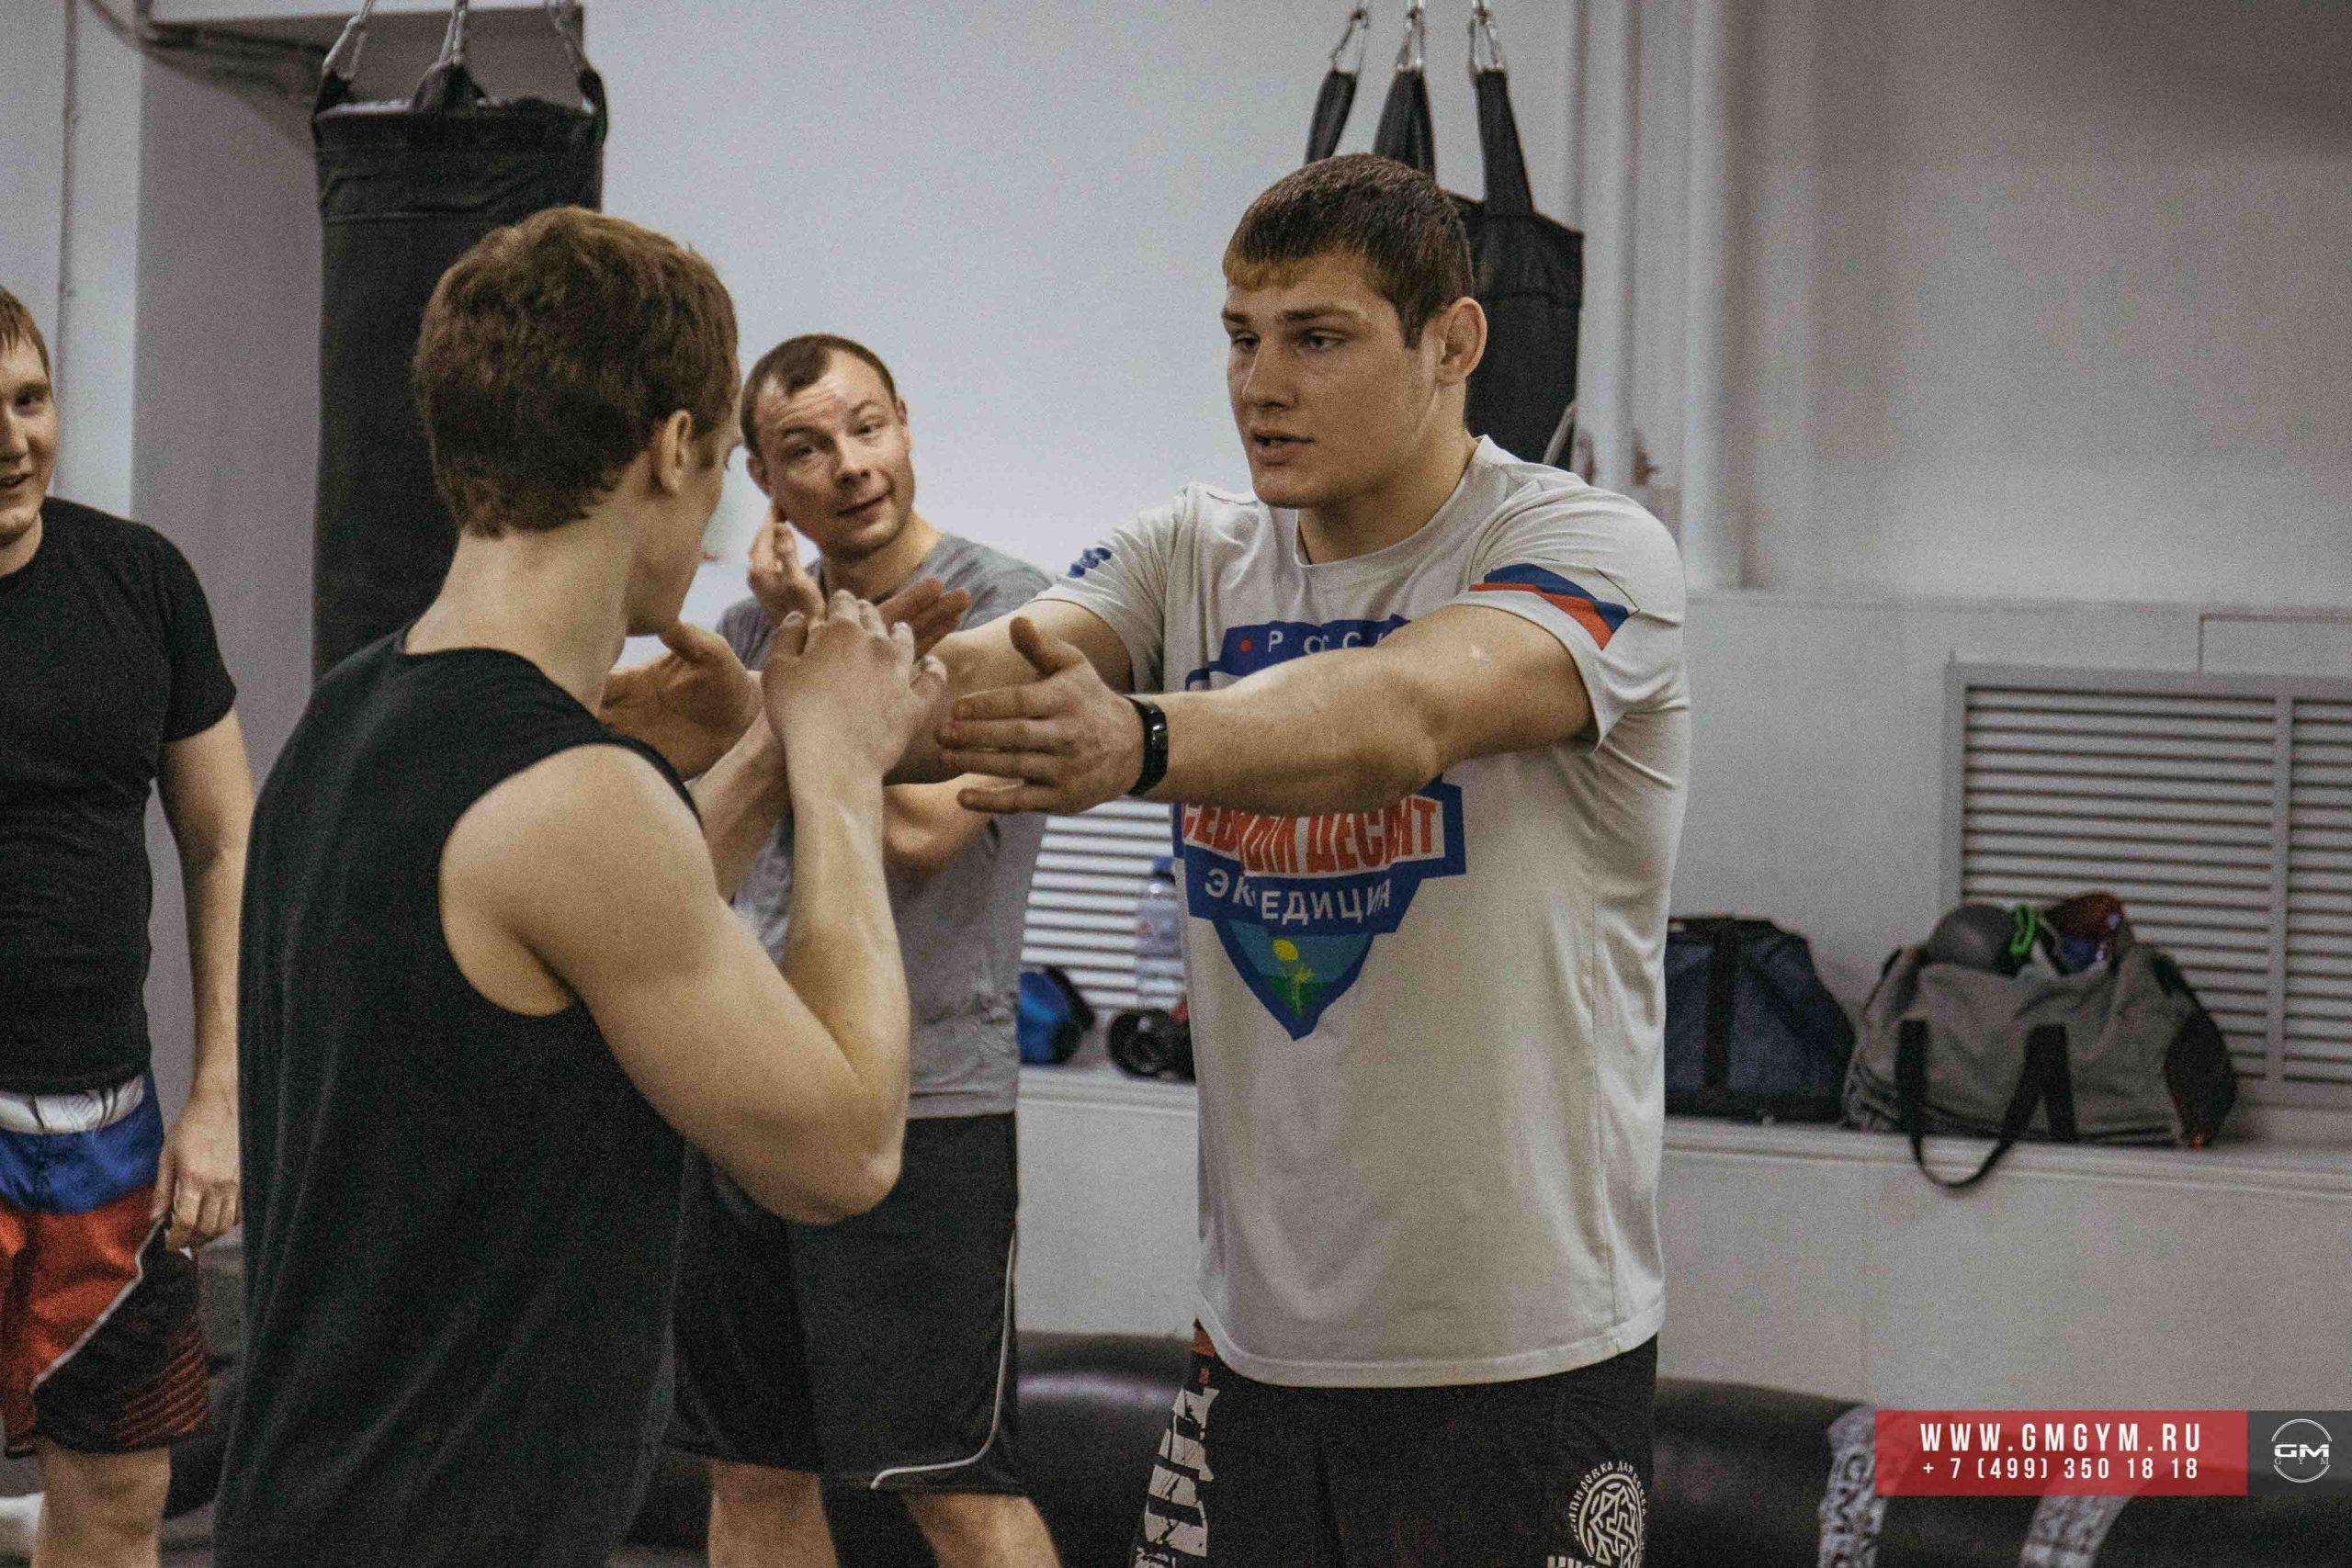 Бокс (Долгов) 17